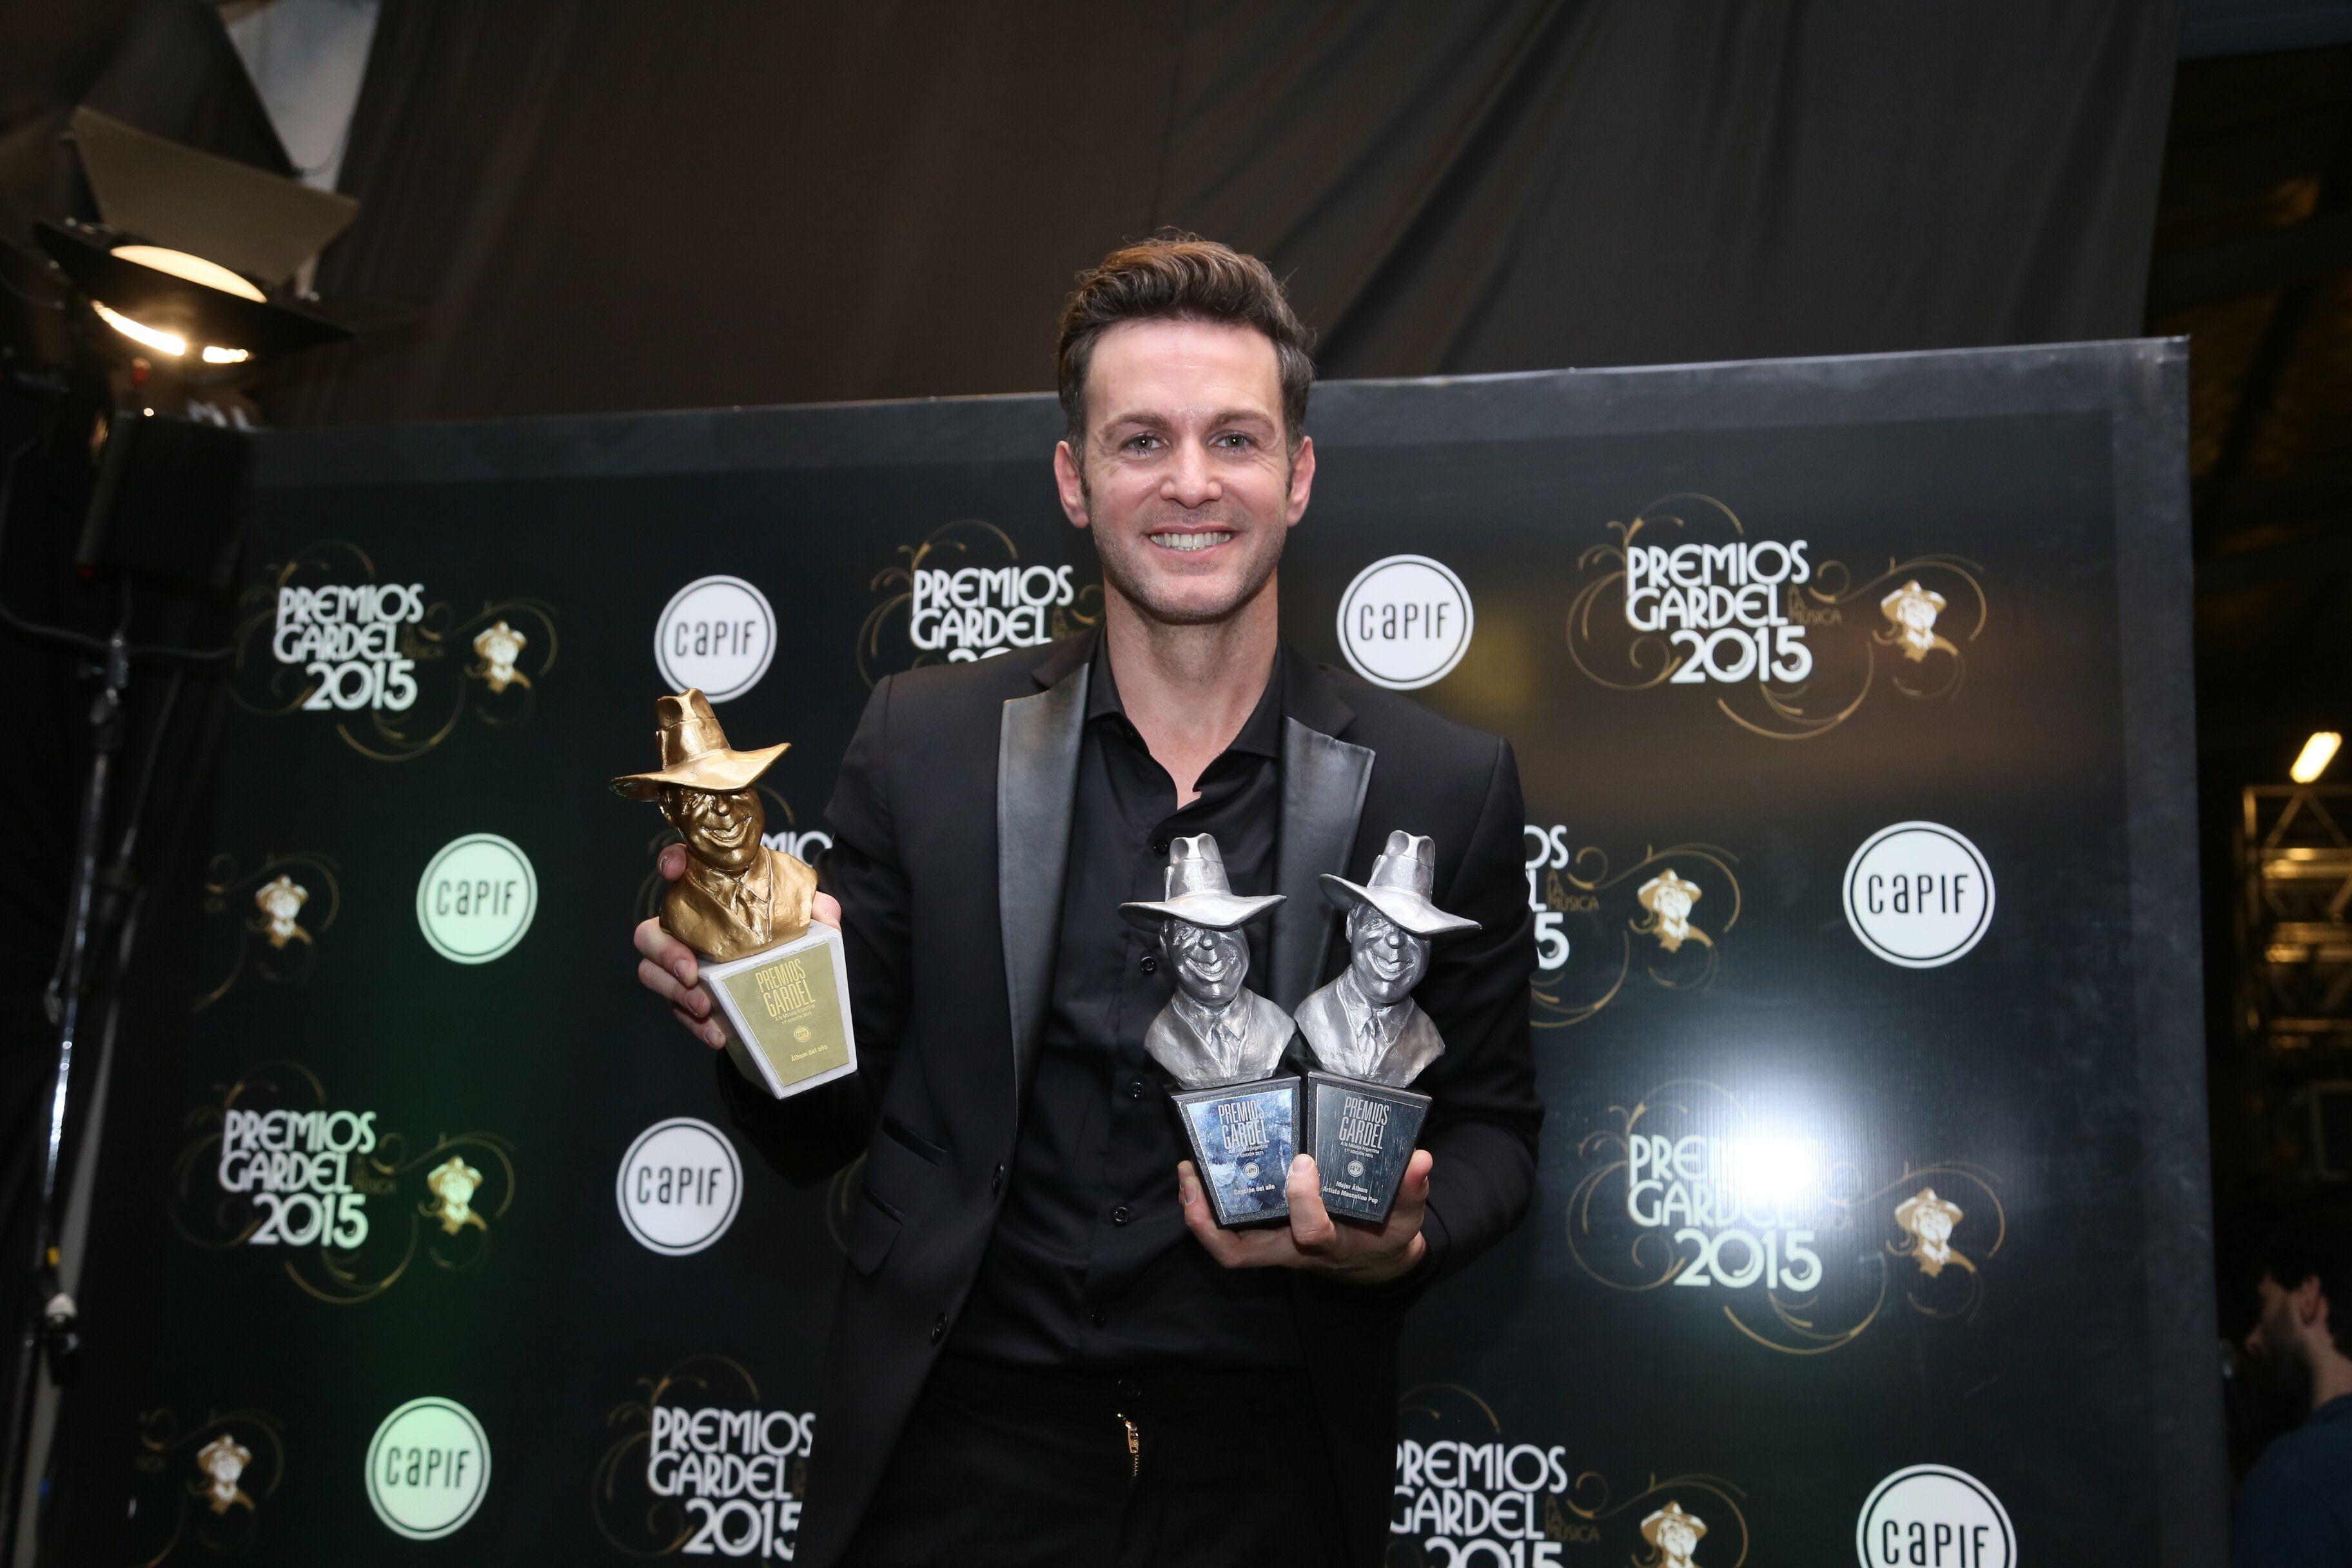 """Axel radiante con sus tres premios Gardel. """"Tengo el oro en la mano"""